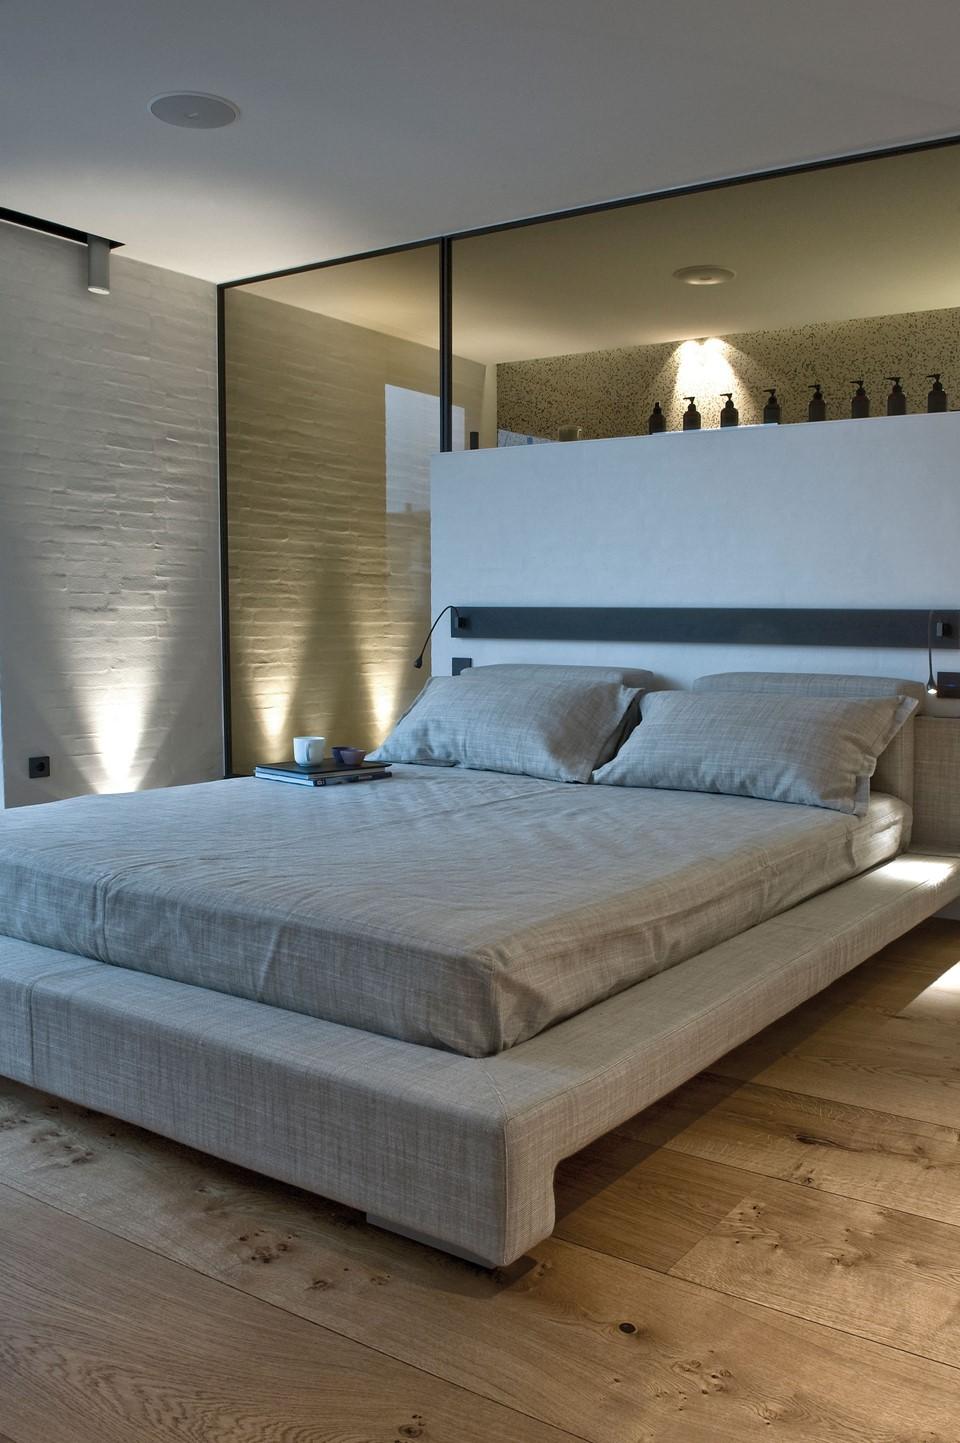 oak-hardwood-floors-heartoak_natural-oil_strib-residence_bedroom_dinesen.jpg